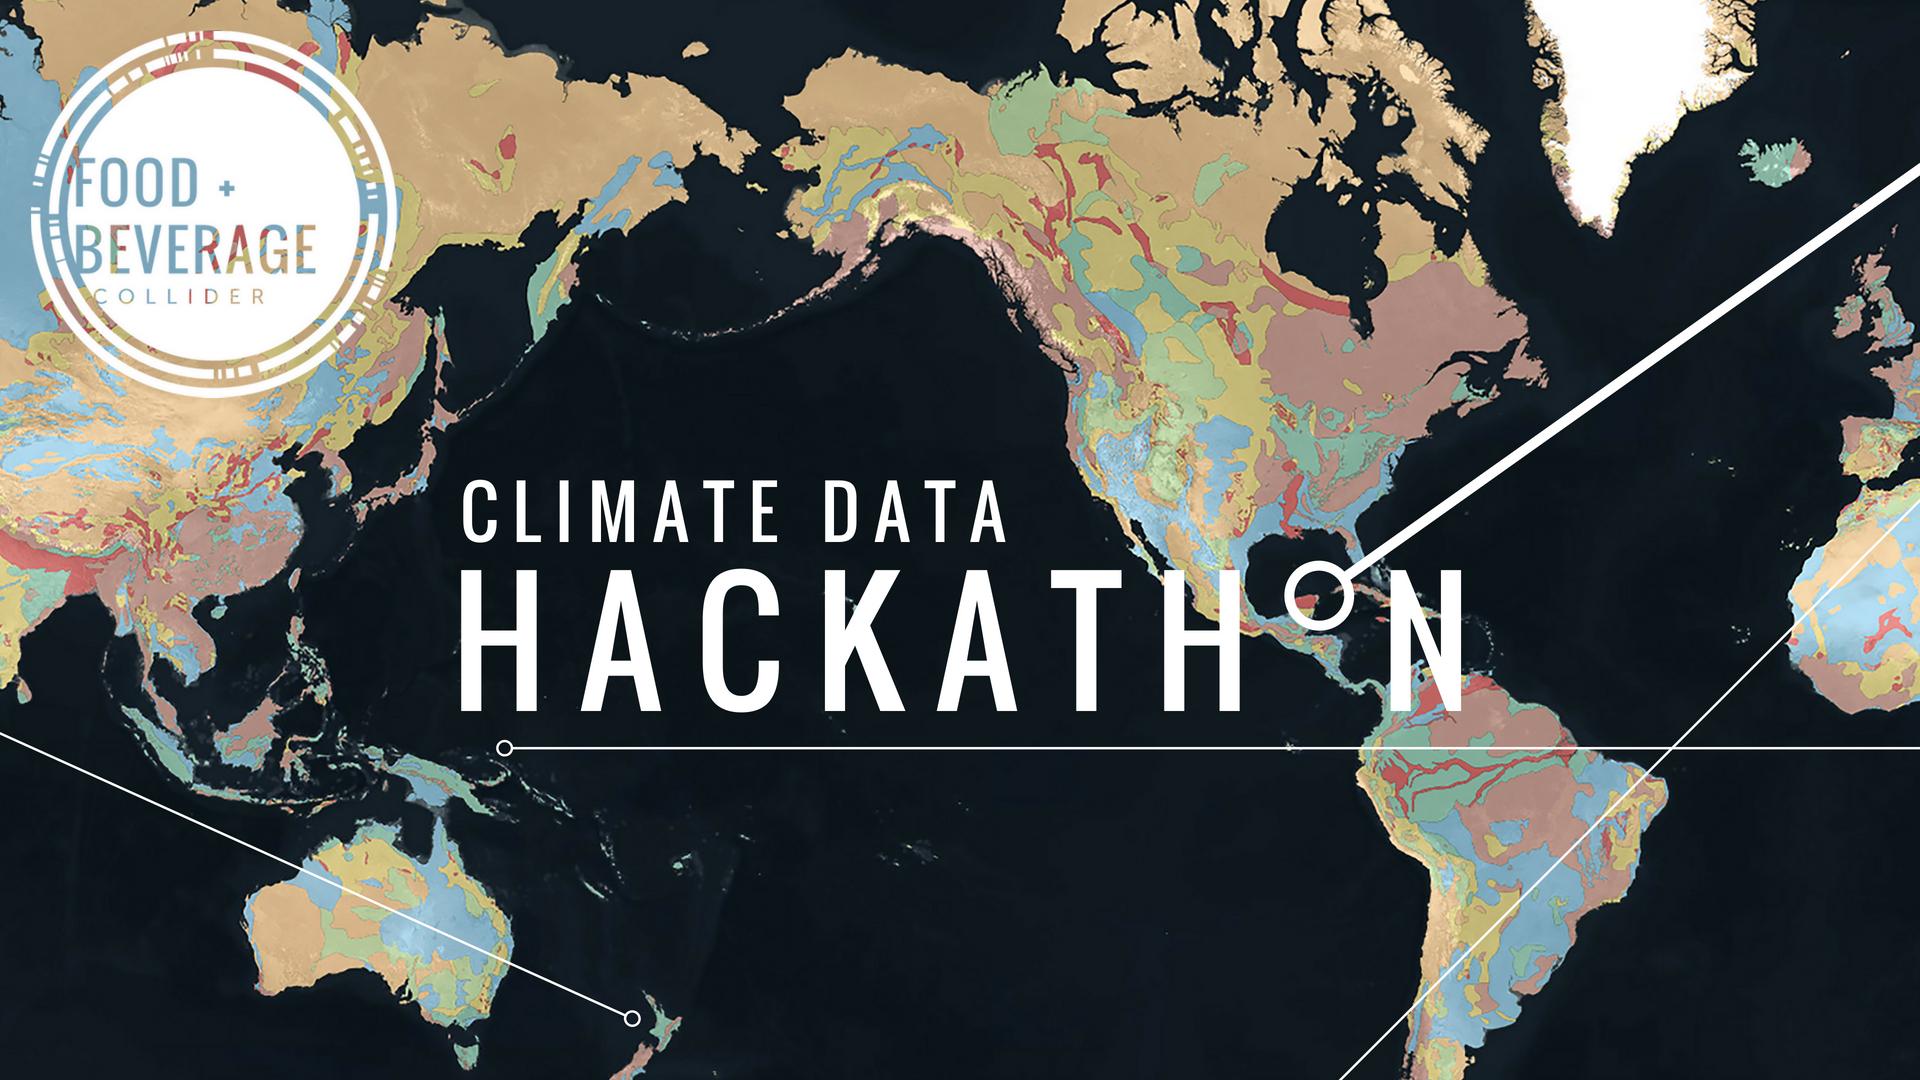 Climate Data Hackathon